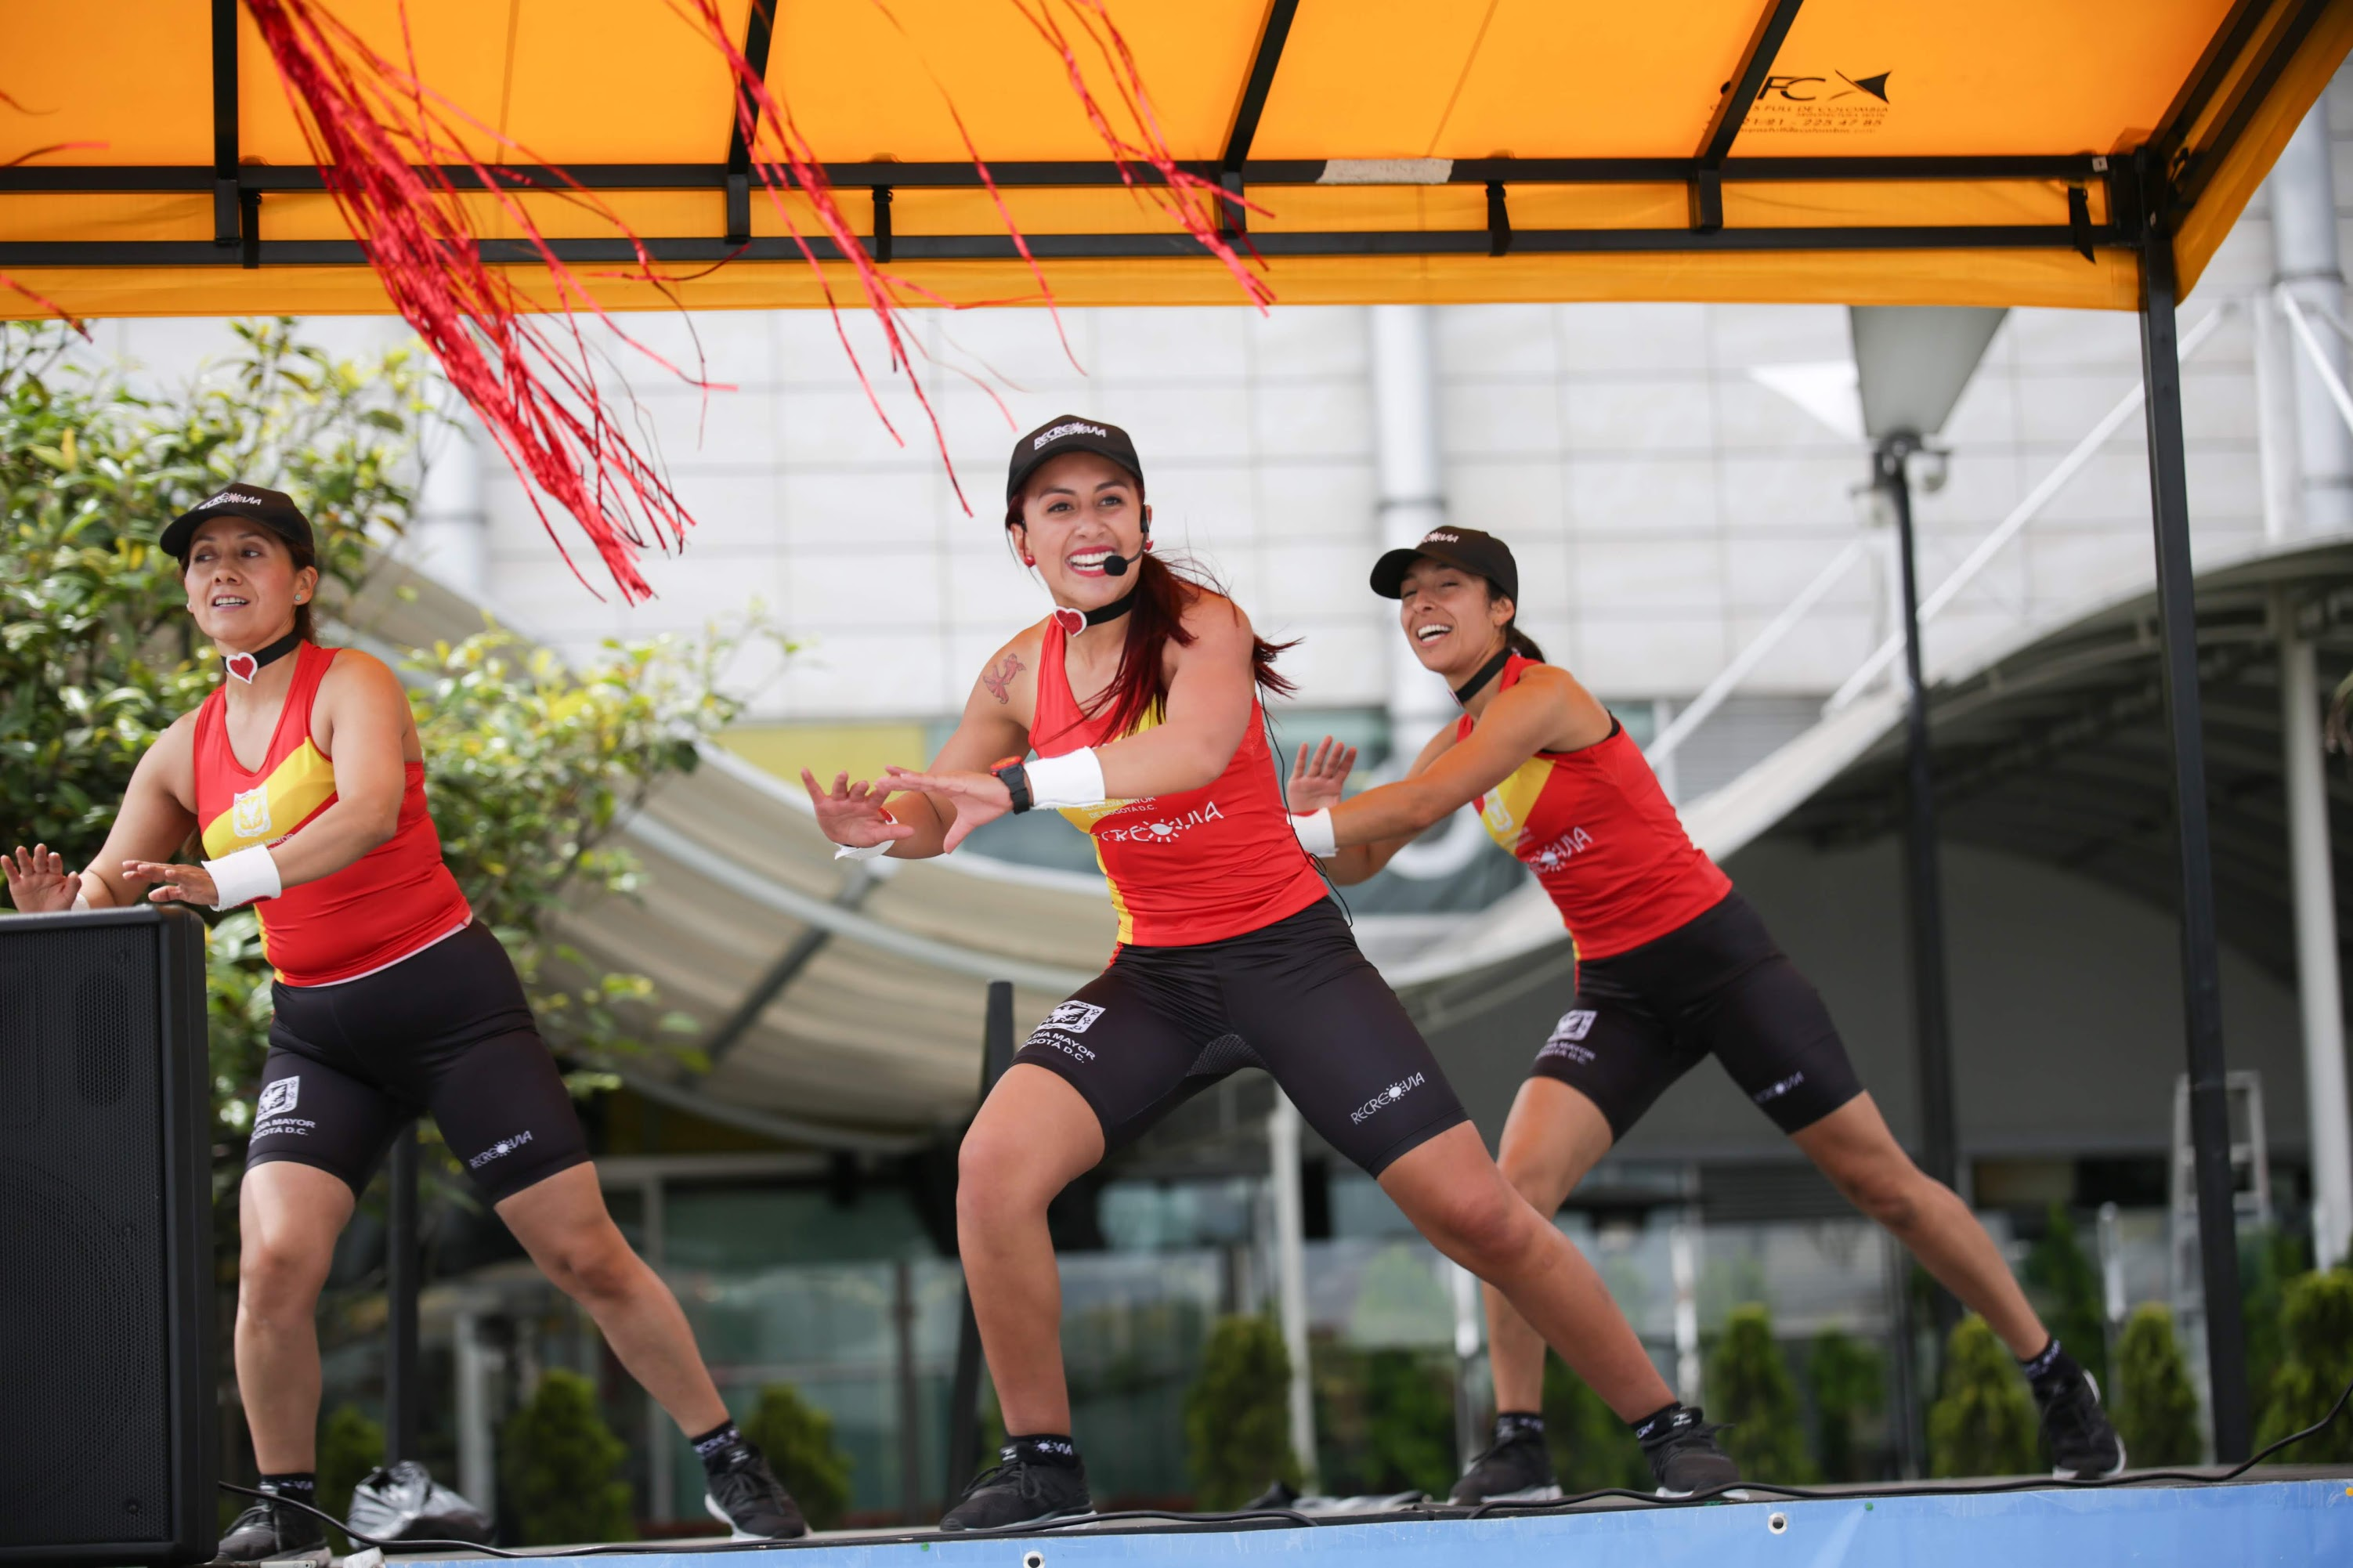 ¡Jornada de Fitness virtual el plan para el cumpleaños de Bogotá! | Bogota.gov.co